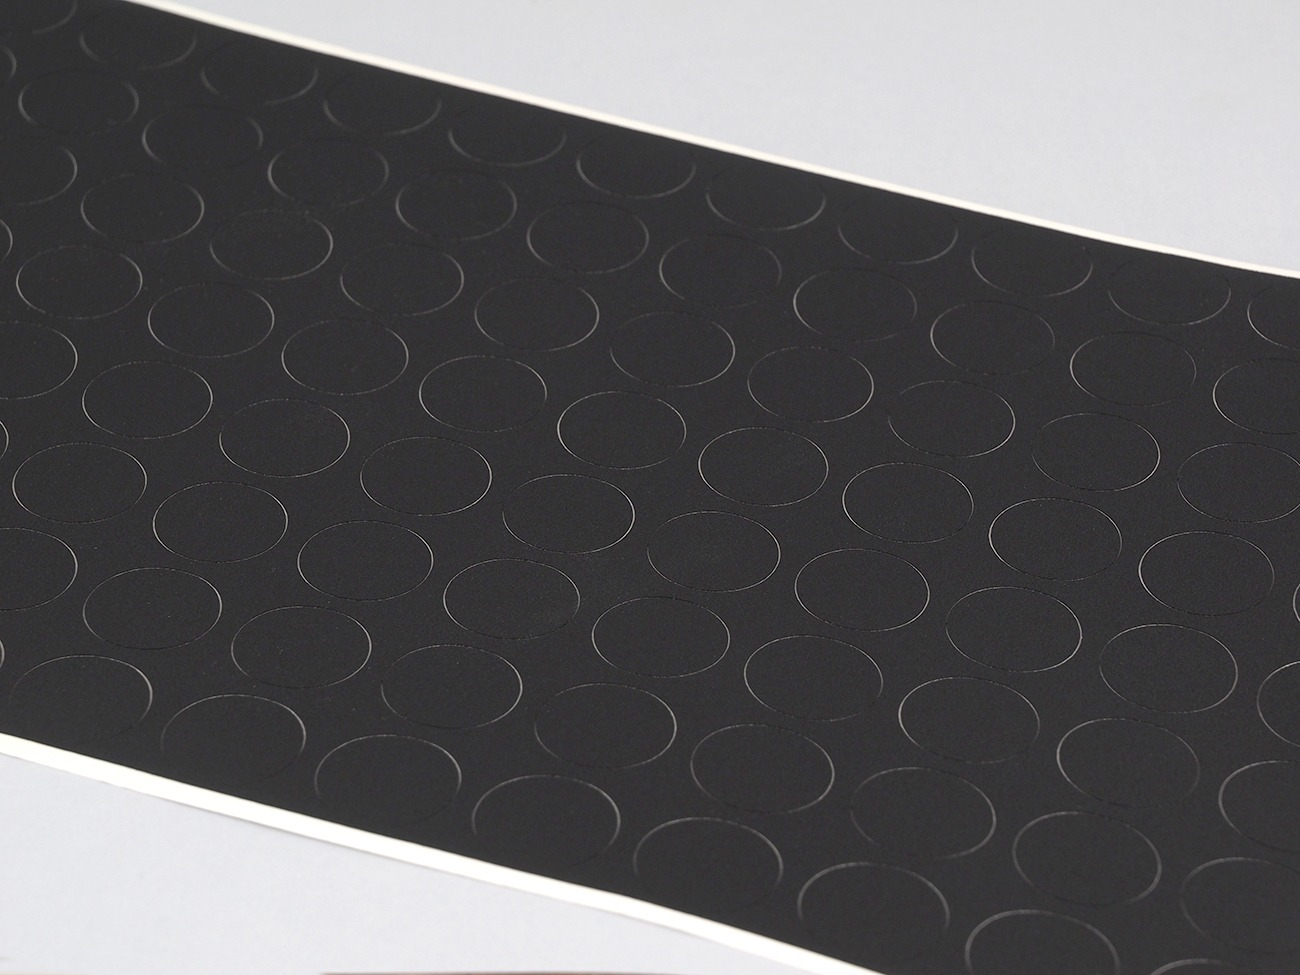 Pellicola protettiva in plastica autoadesiva, protezione dagli influssi meccanici, antiscivolo